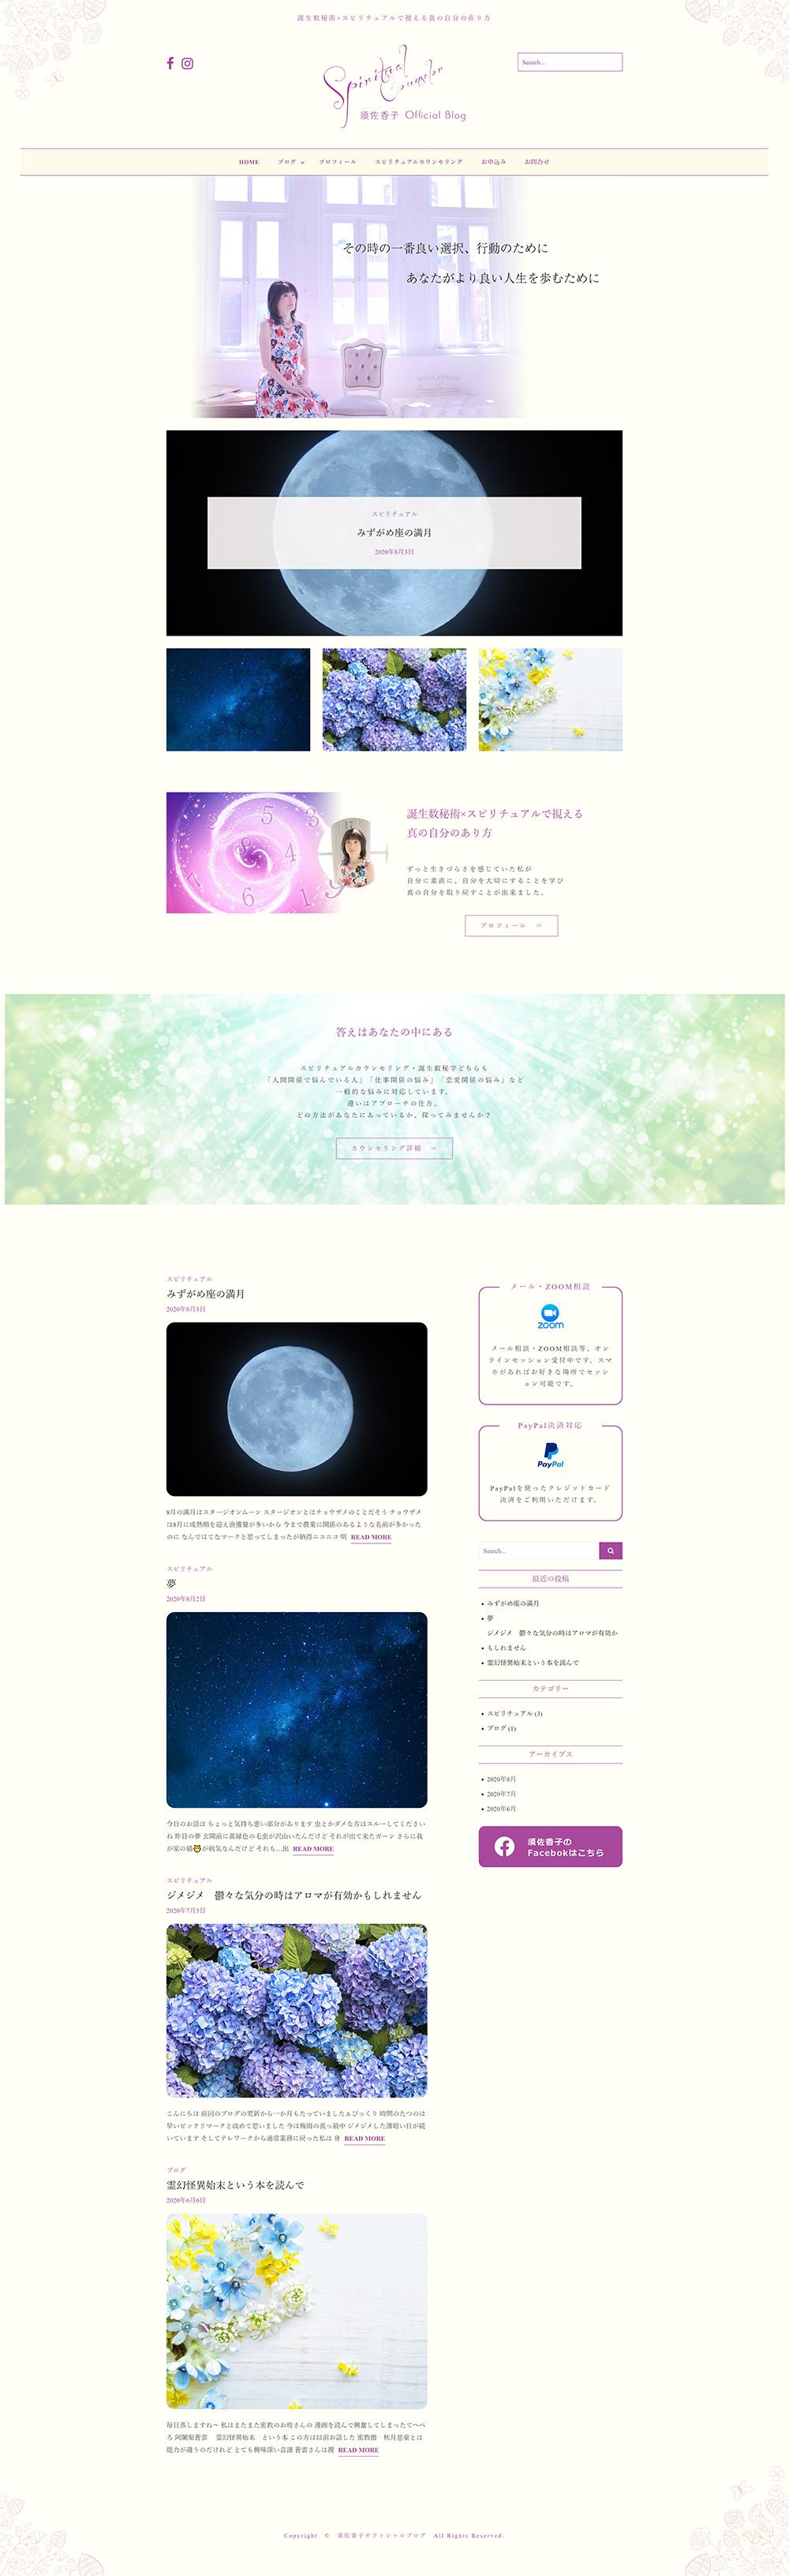 須佐香子様オフィシャルブログトップページ